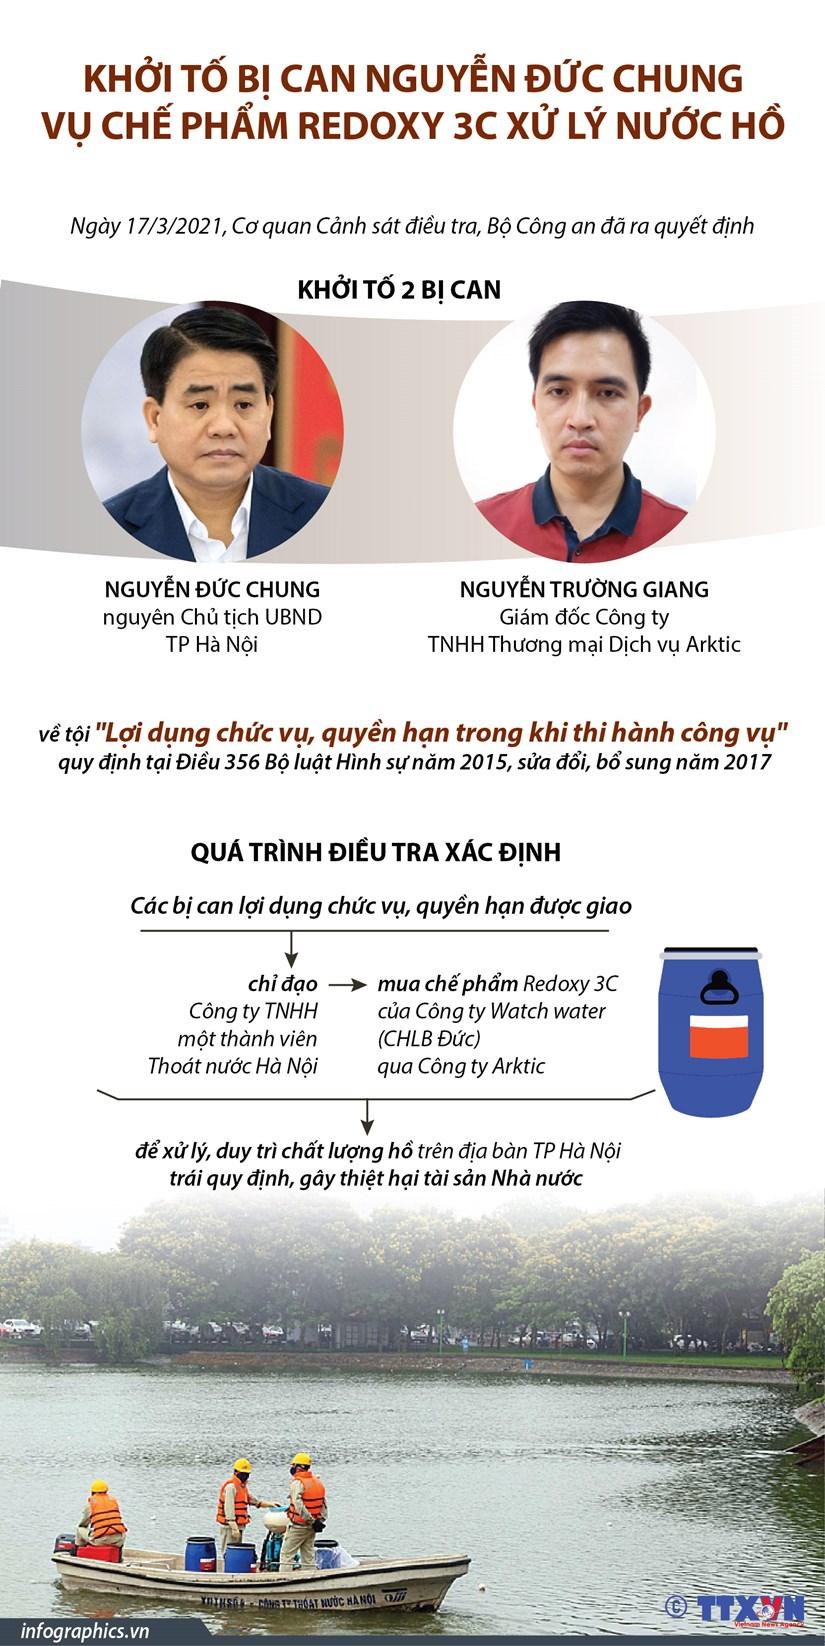 [Infographics] Khoi to bi can Nguyen Duc Chung vu che pham Redoxy 3C hinh anh 1